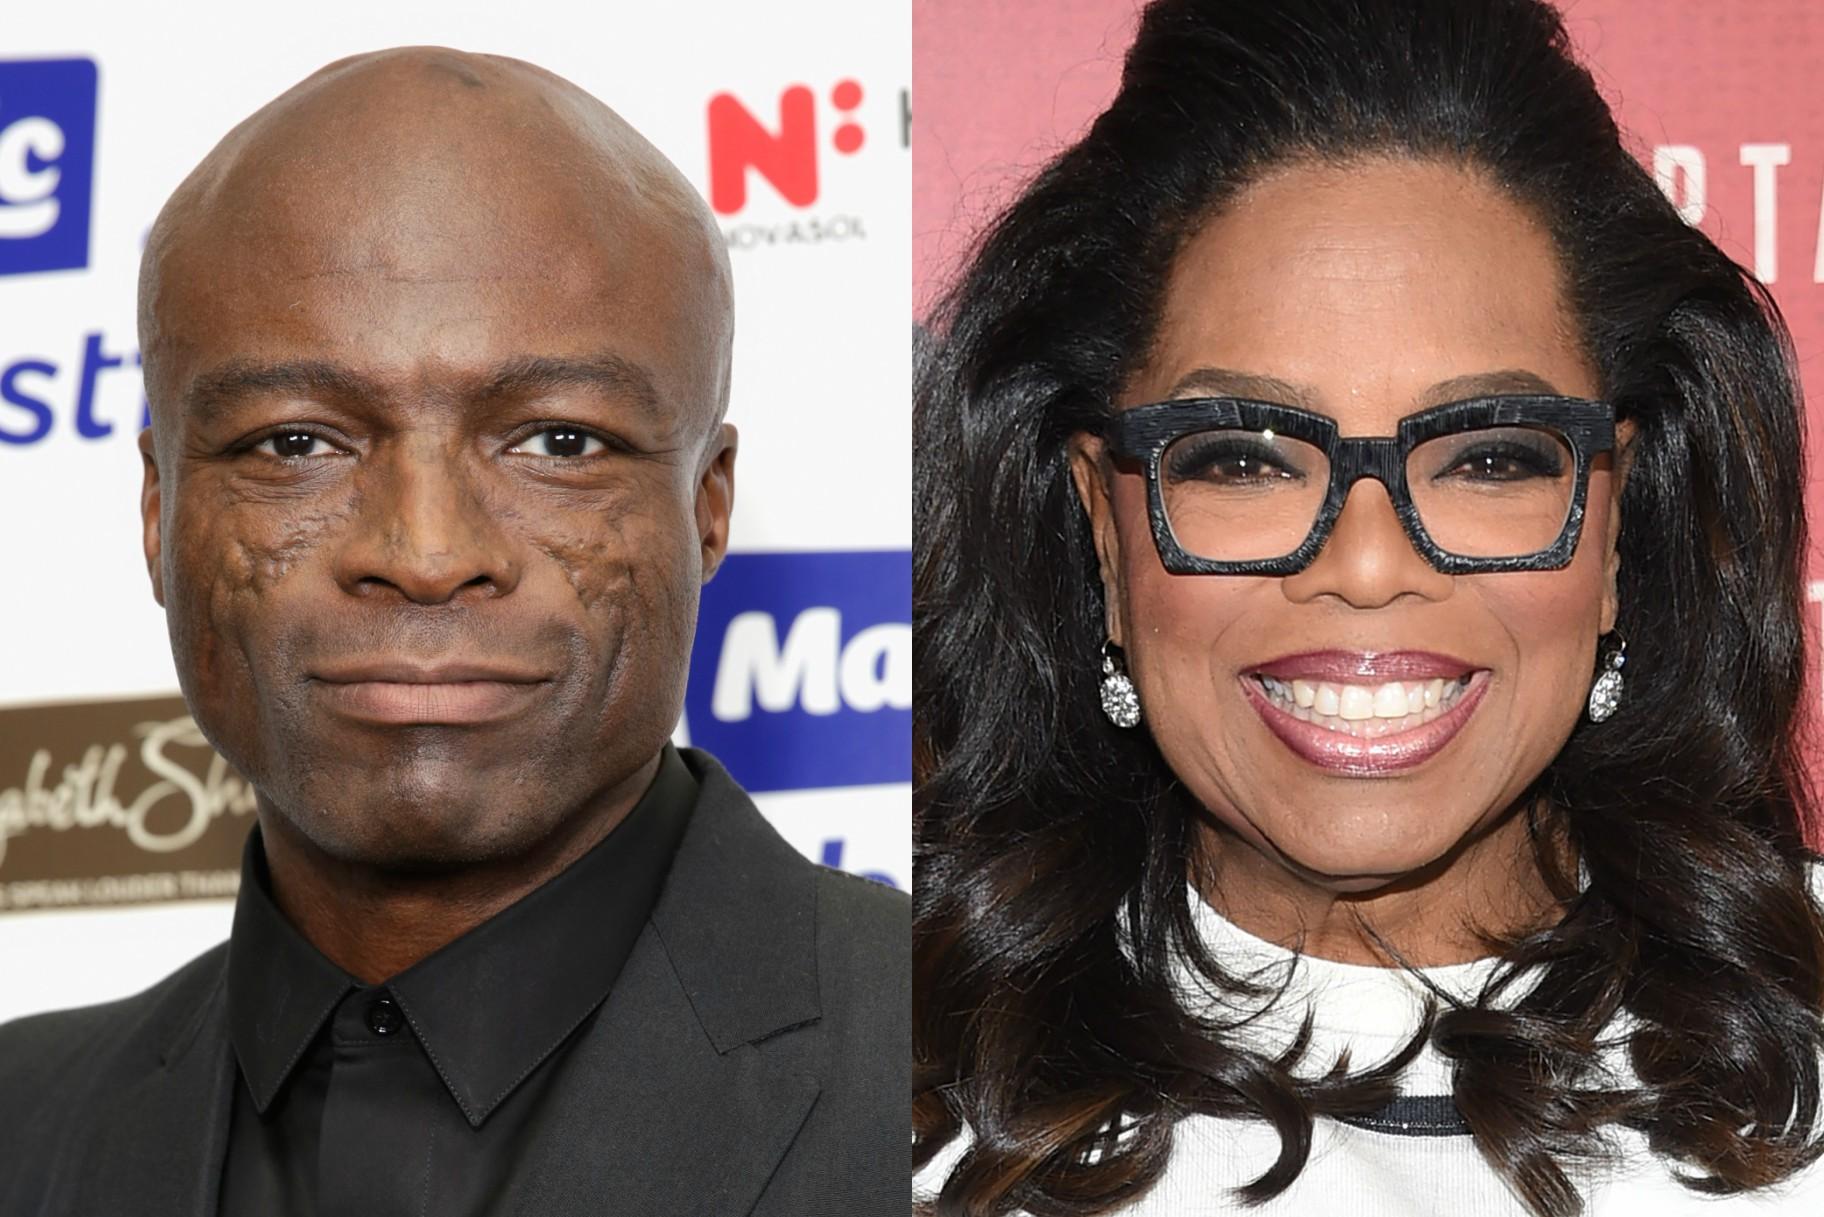 Seal atacó a Oprah en Instagram y ahora está siendo criticado en Twitter por eso